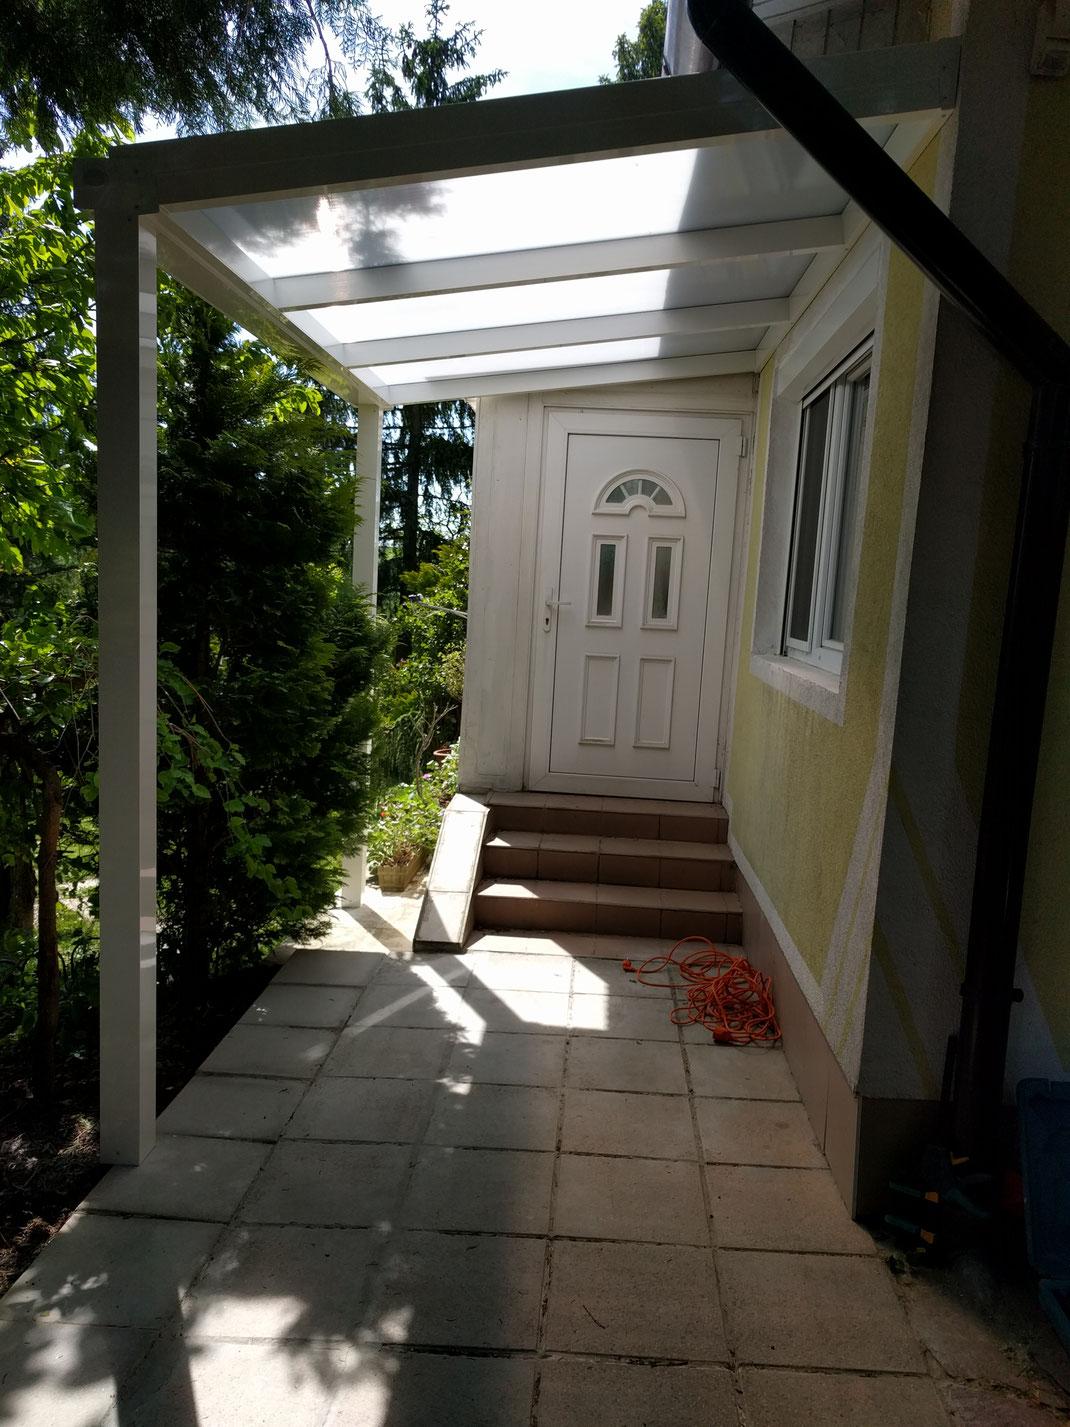 terrassendach bausatz terrassendach lamellendach sichtbeton. Black Bedroom Furniture Sets. Home Design Ideas